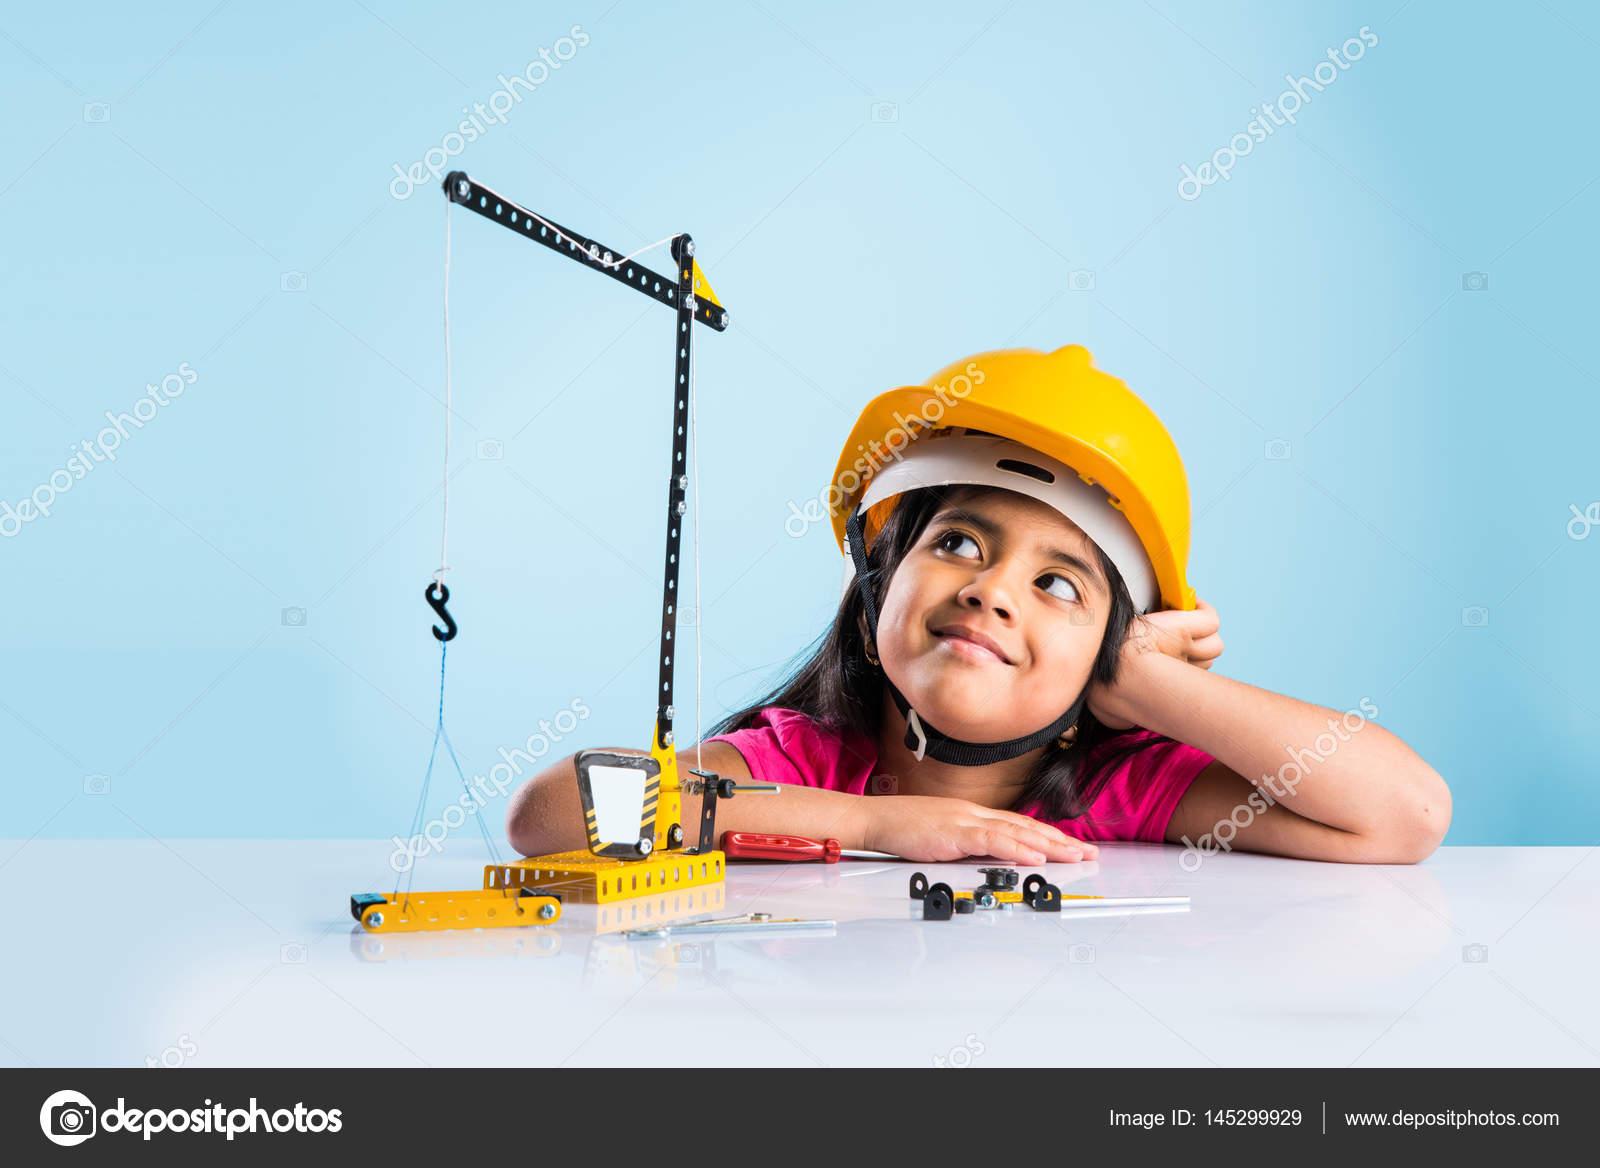 Neonata indiana carina che gioca con gru giocattolo indossando cappello  giallo costruzione o concetto duro di cappello 249dfc3b85cf